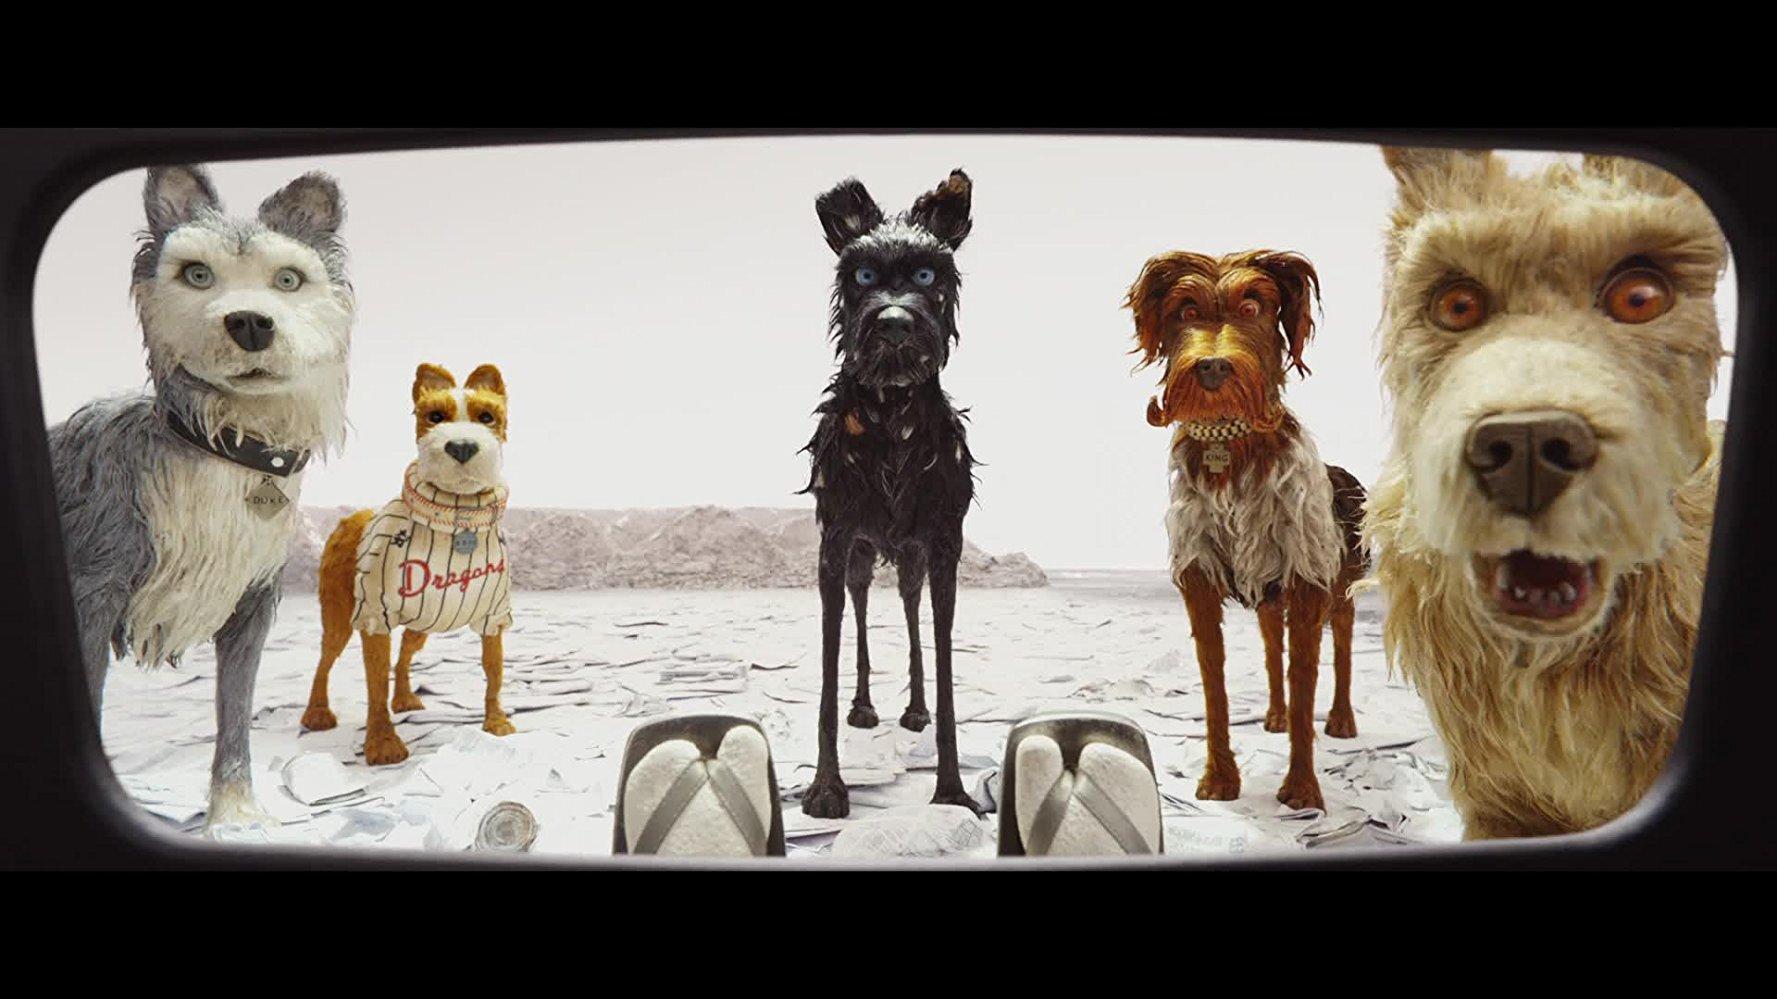 旧爱新欢齐上阵 《布达佩斯大饭店》导演携新作《犬之岛》参与北影节